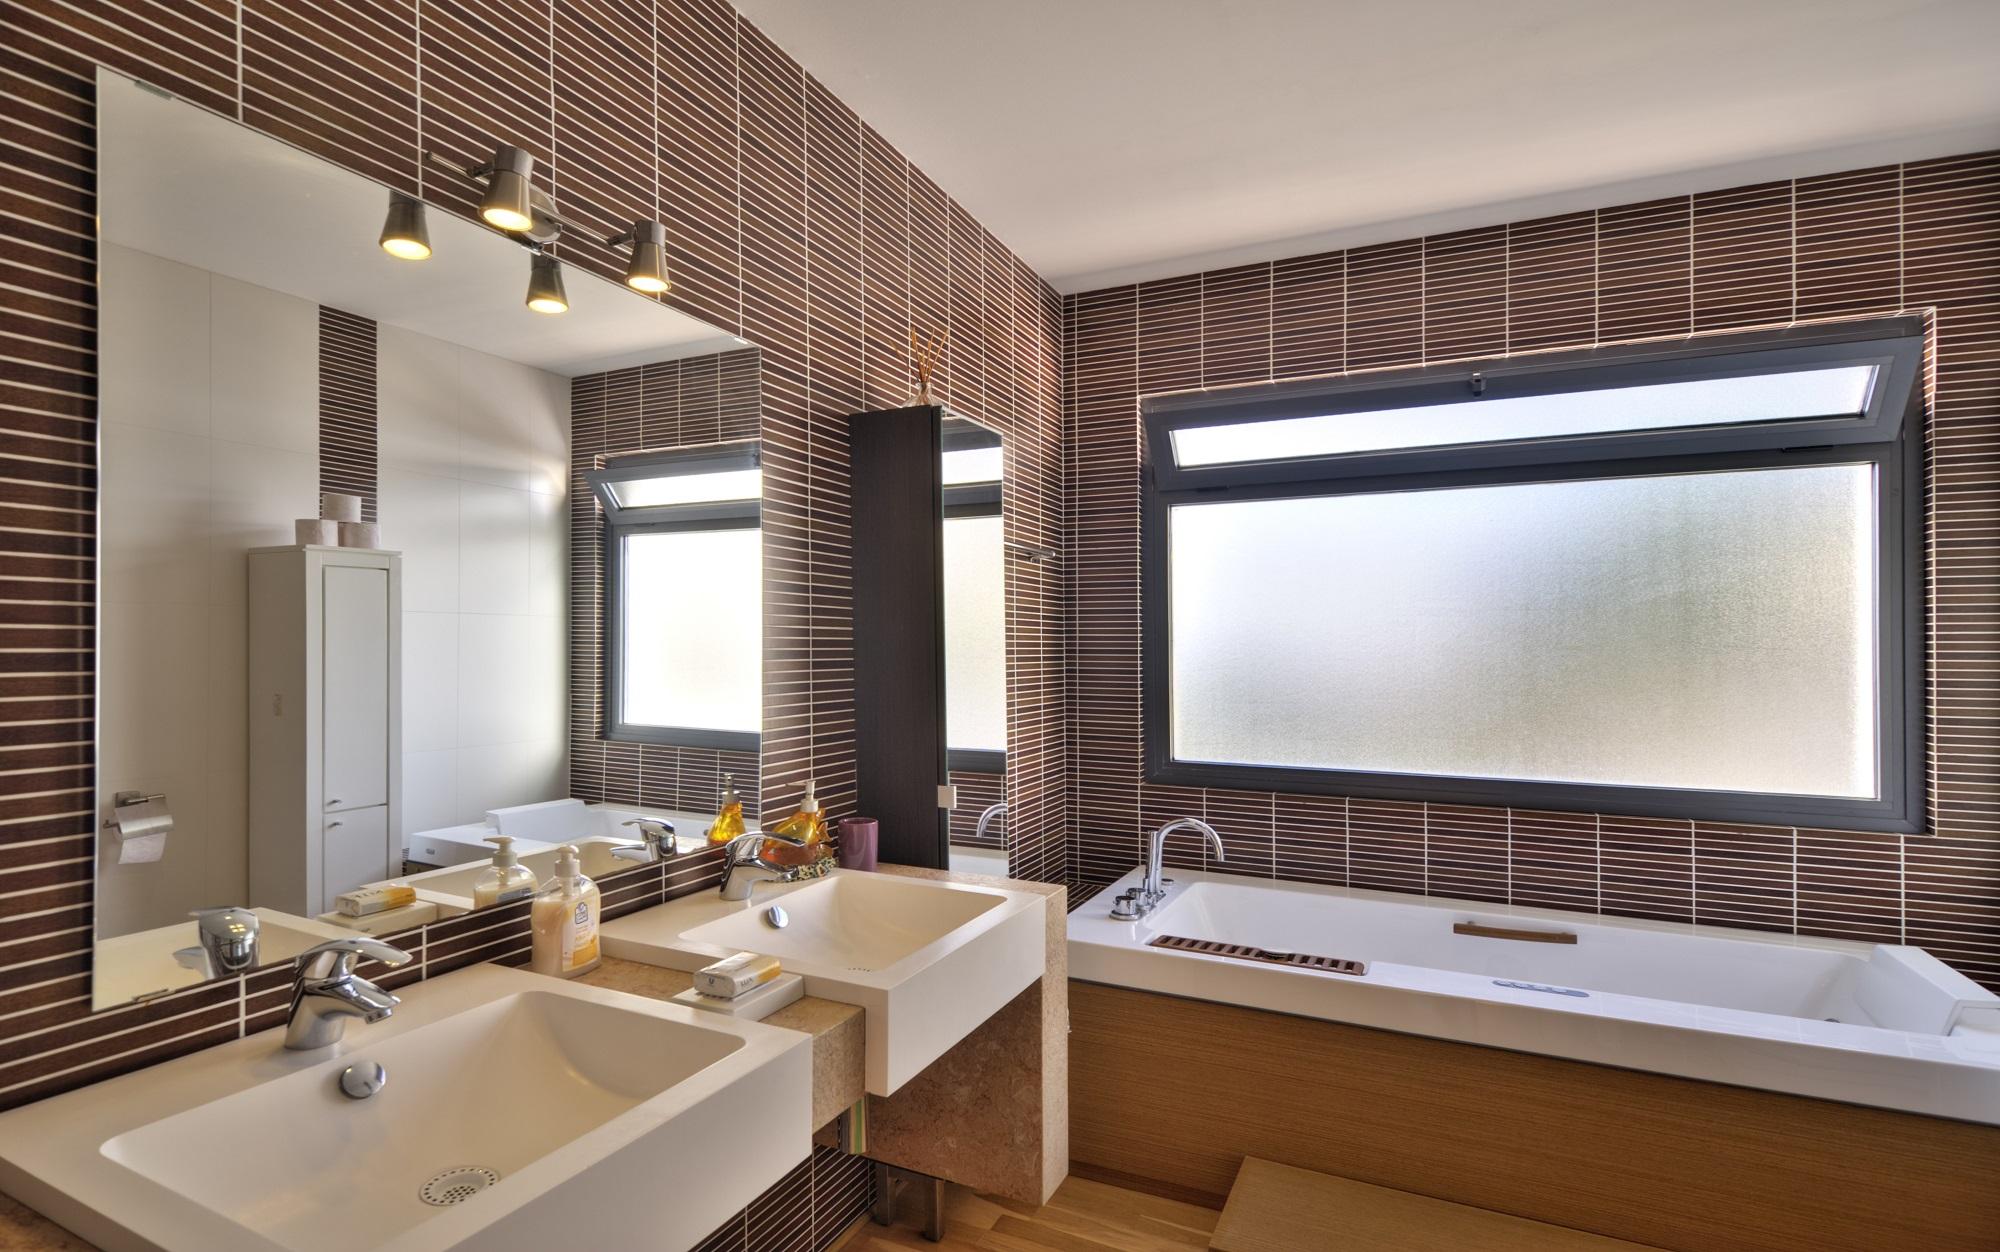 Egy fürdőszoba ablakán jó, ha nem látnak be :) Itt tehát kiváló megoldás az átlátszó üvegeken a belátásgátló fólia alkalmazása!